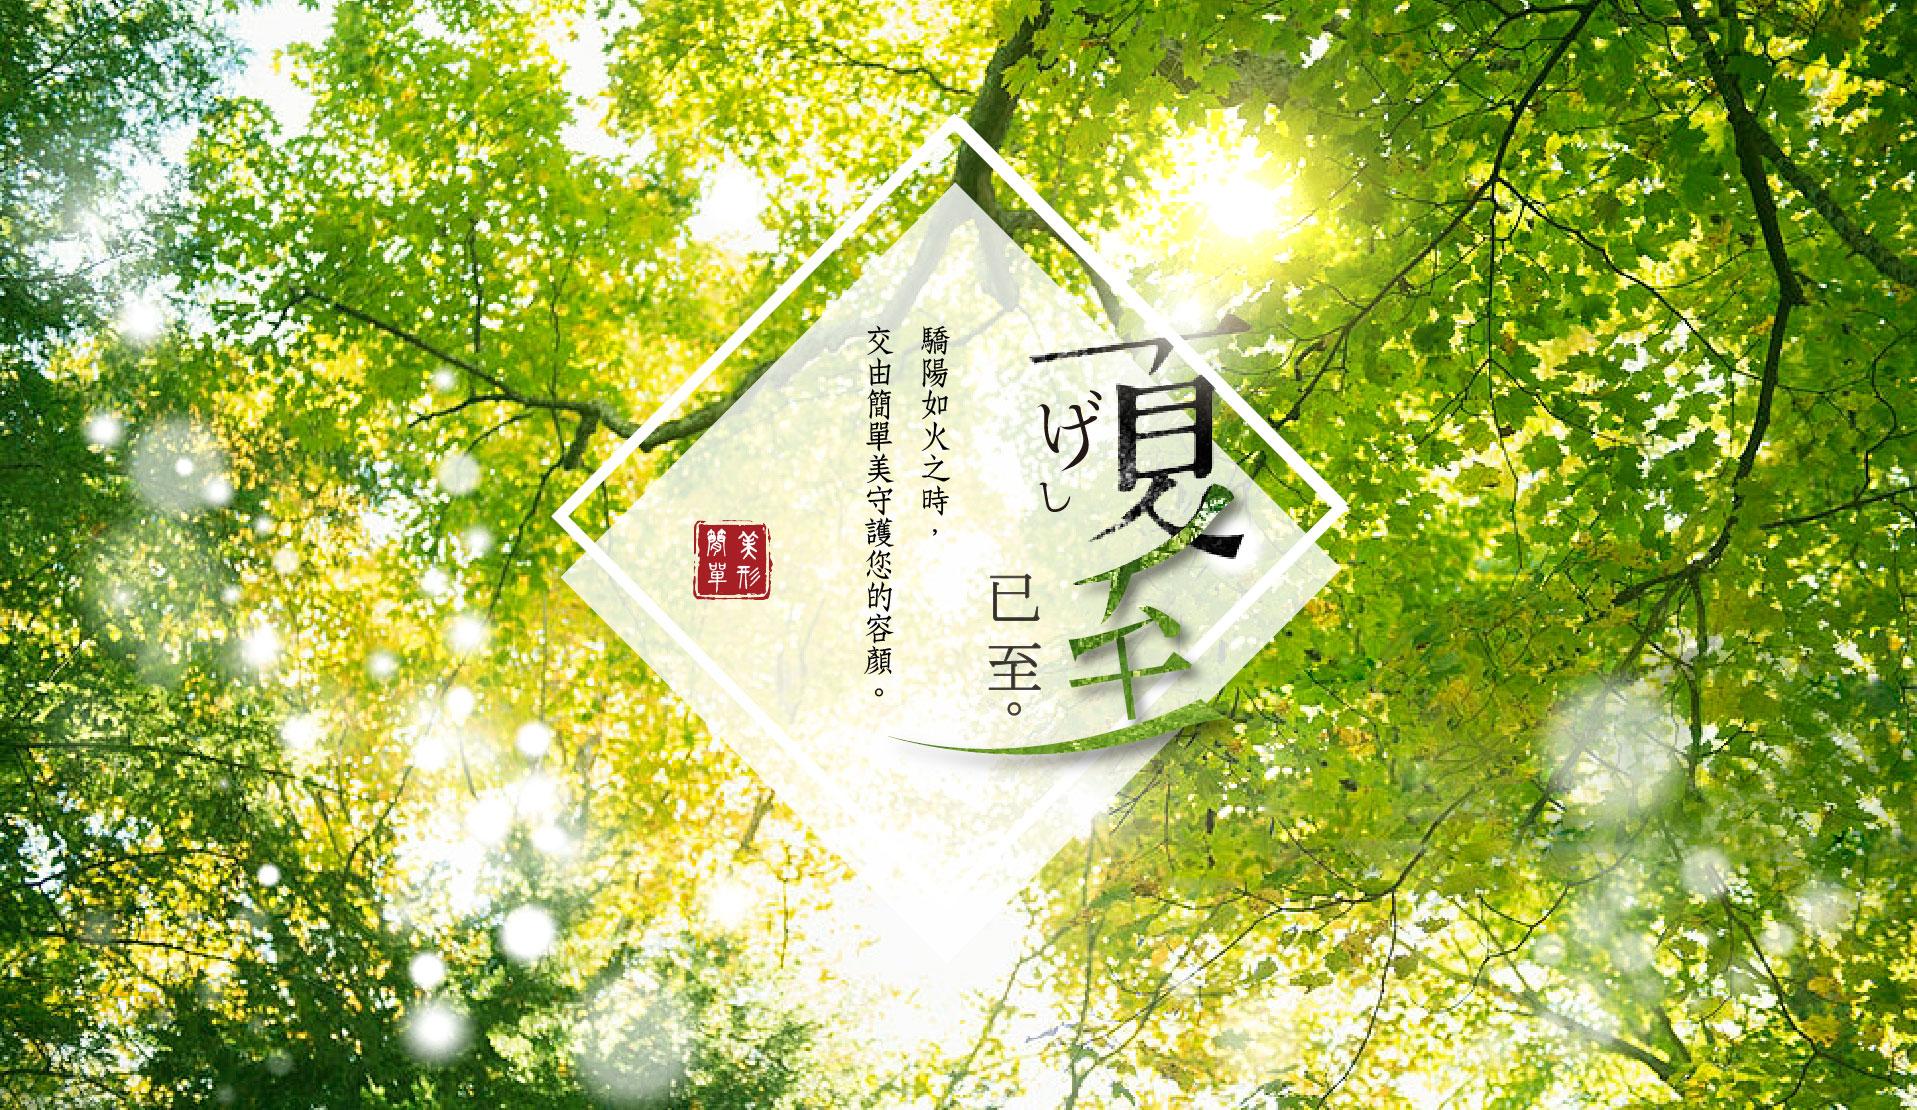 678月-banner-07